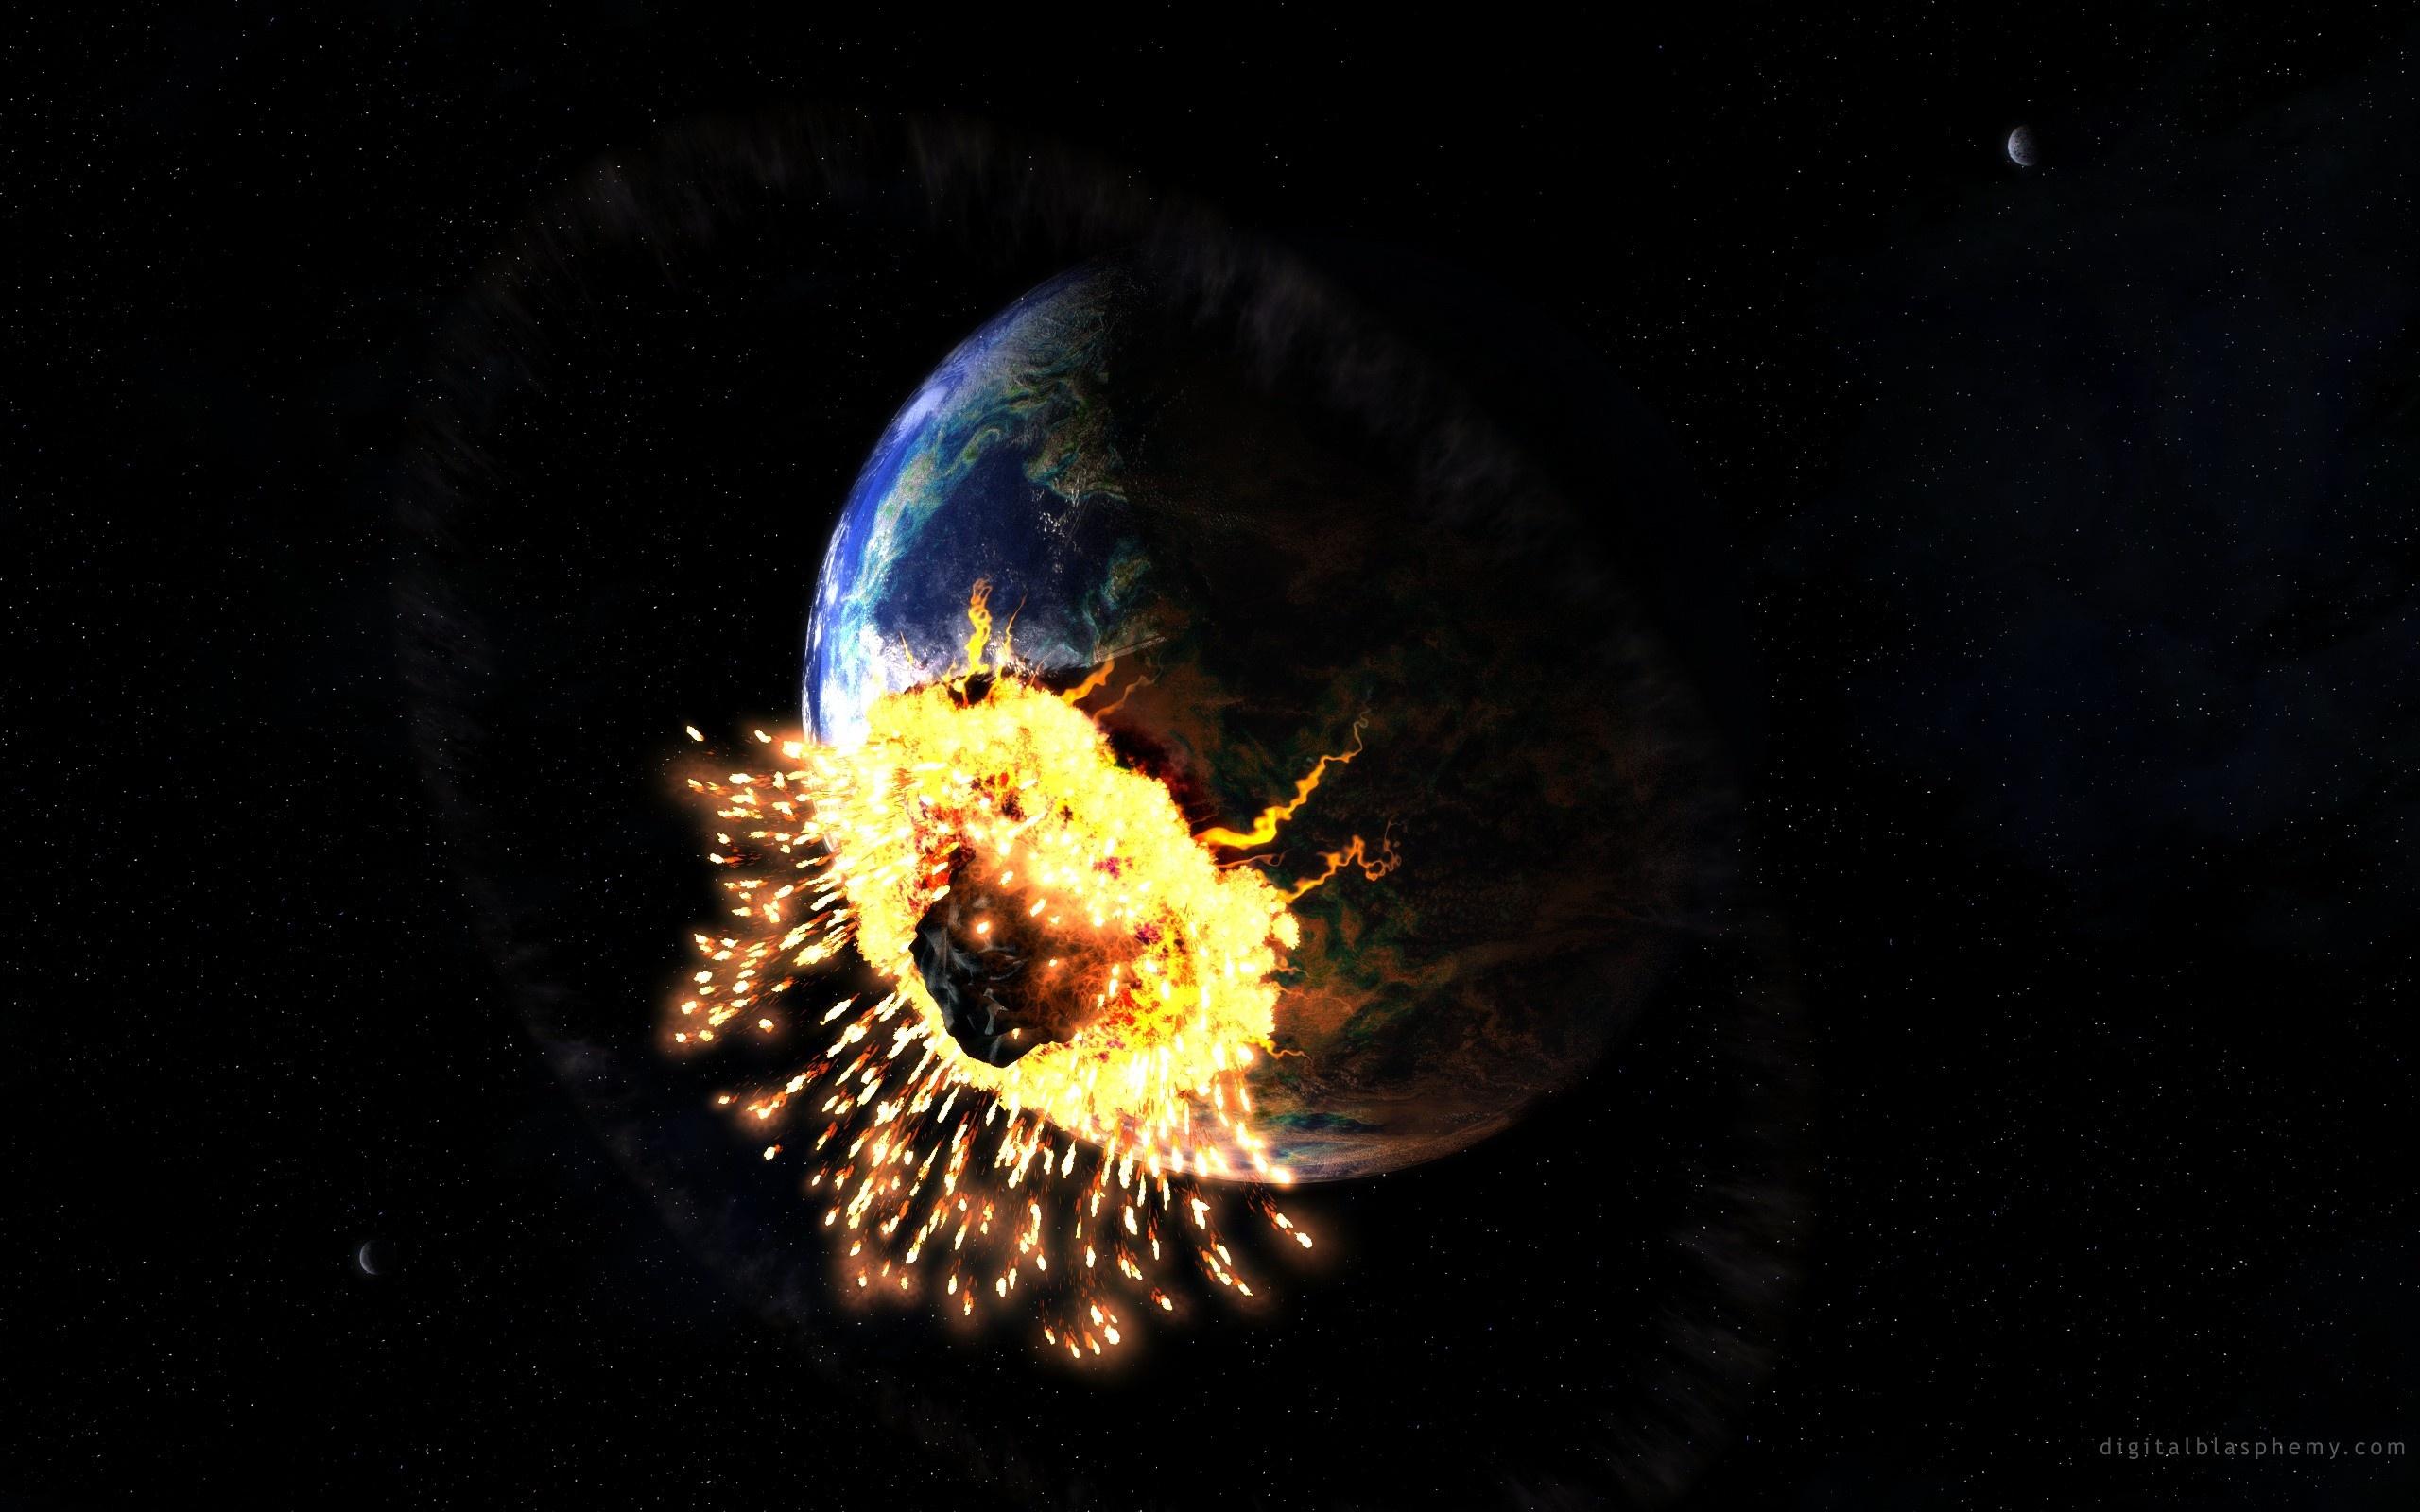 壁纸 小行星猛烈撞击地球 2560x1600 HD 高清壁纸, 图片, 照片